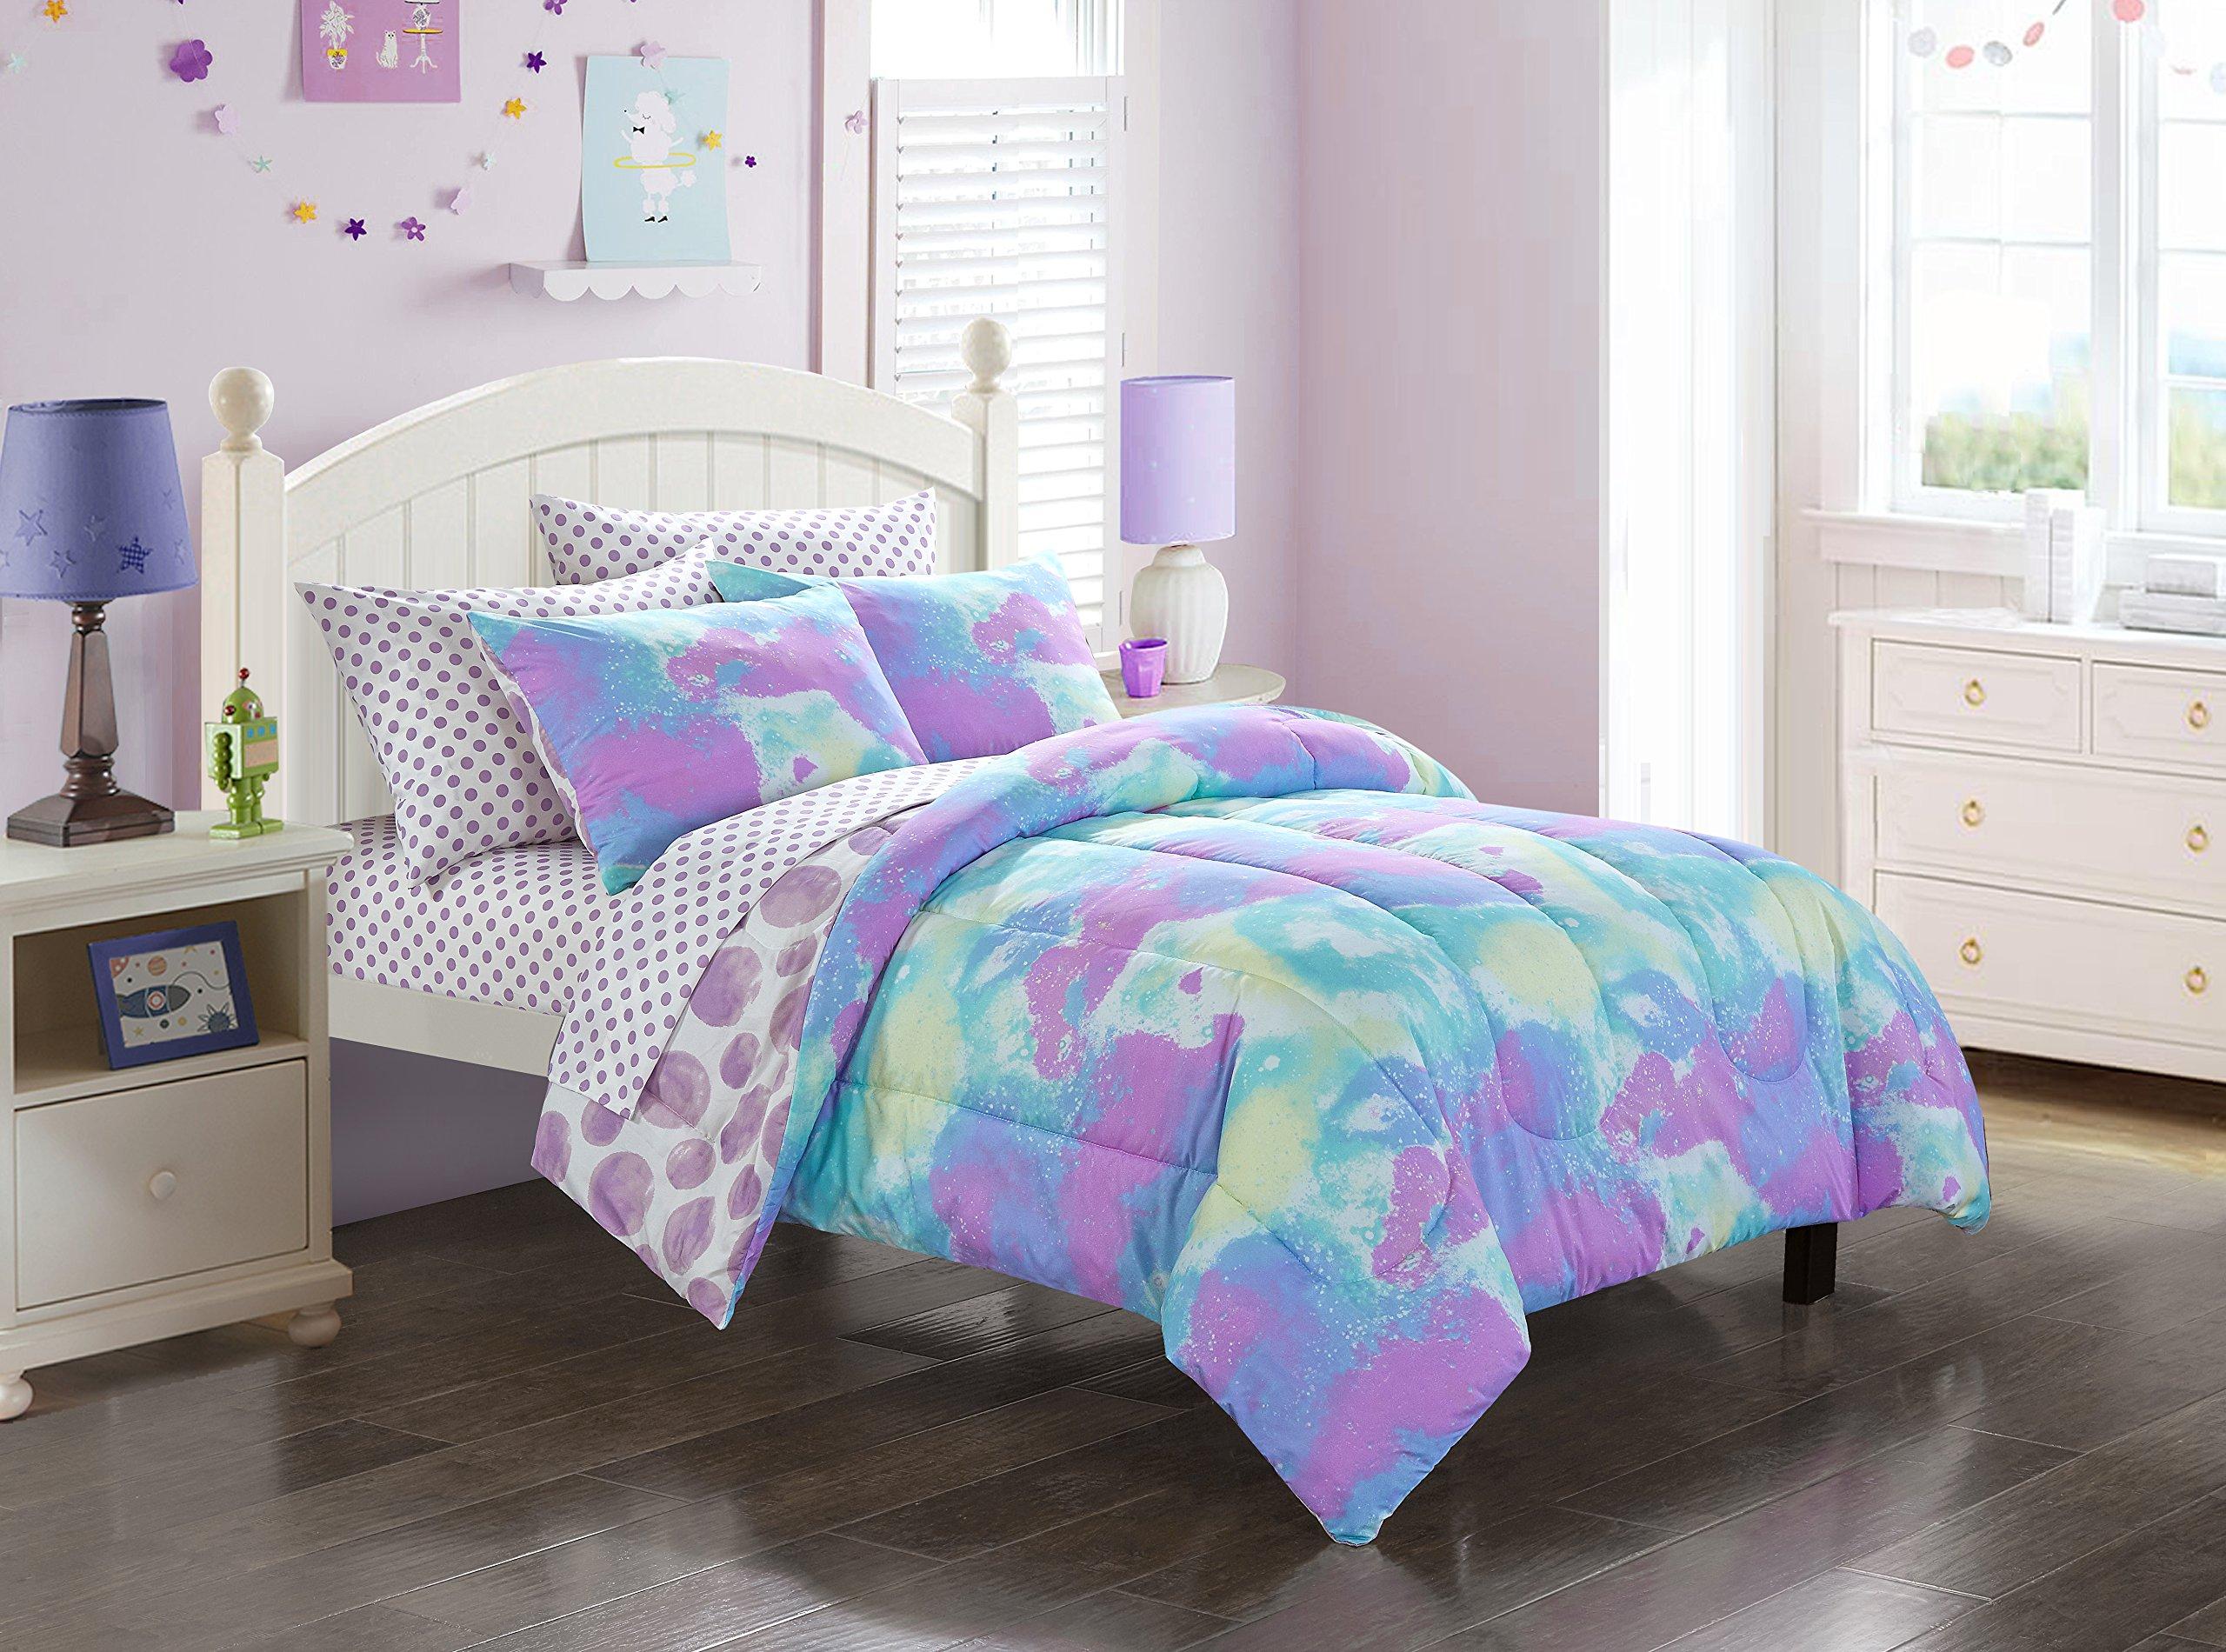 Mainstays Kids Tie Dye Cloud Reversible Comforter Bed In A Bag (Full)